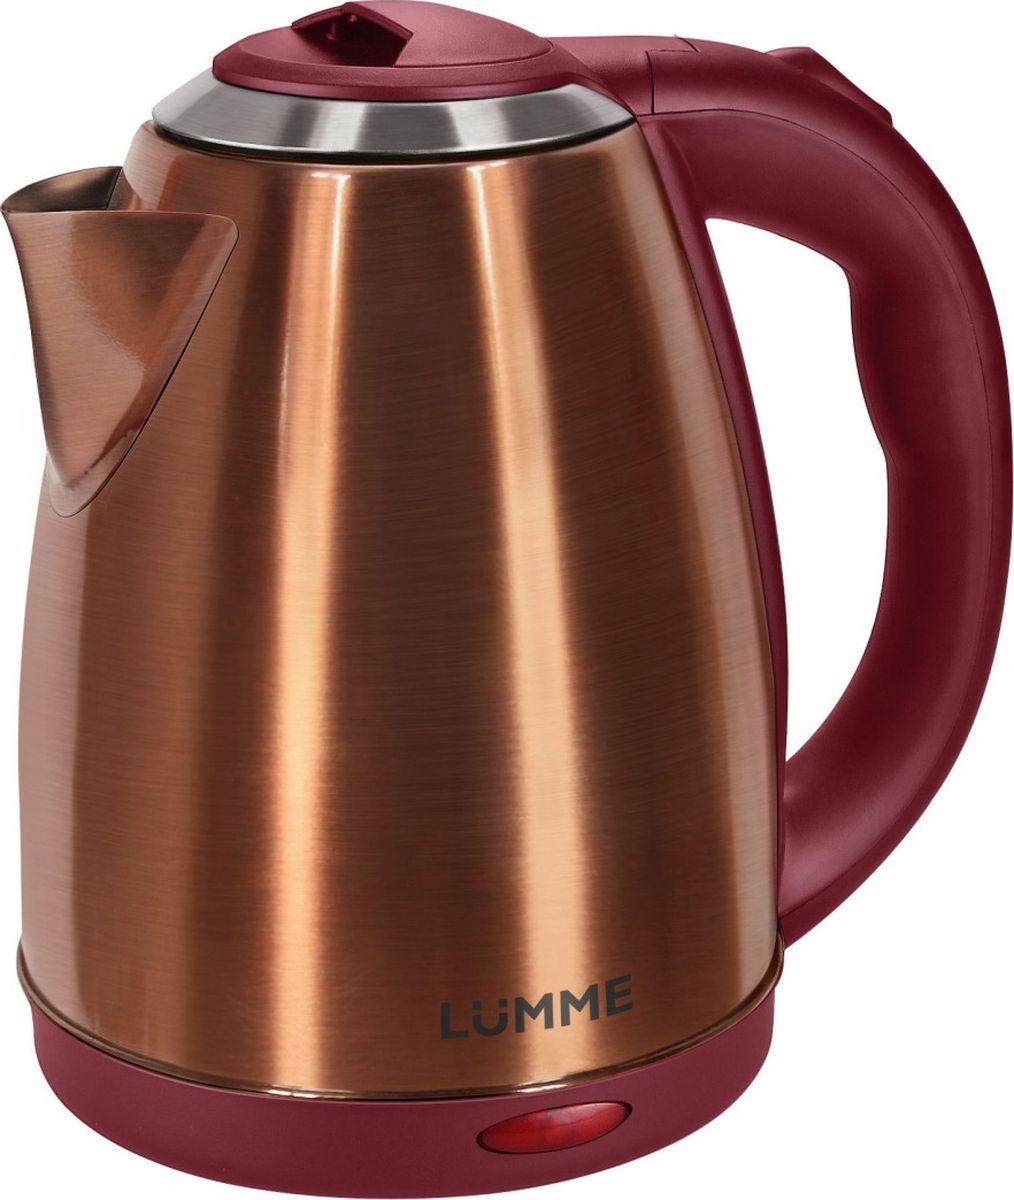 Lumme LU-132, Red Ruby чайник электрическийLU-132 рубинВместительный металлический чайник Lumme LU-132 объемом 2.0 литра из высококачественной нержавеющейстали.Пищевая нержавеющая сталь способствует сохранению природного вкуса и натуральных свойств воды. Длябыстрого закипания чайник оснащен нагревательным элементом мощностью 1,8 к Ватт, защищенного плоскимстальным дном для равномерности нагрева, противостояния накипи, коррозии и для большего удобства в уходе.Система автоматического отключения при закипании или недостаточном количестве воды заметно продлит срокработы чайника. Чайник оснащен базой питания, позволяющей брать его с любой стороны или вращать на 360градусов, что делает прибор совершенно безопасным, а его эксплуатацию комфортной.